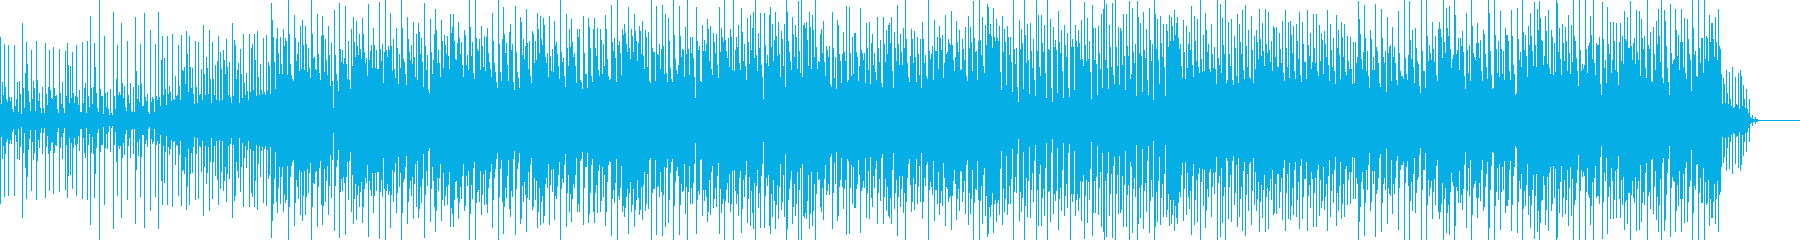 ほのぼのする可愛さと弾けるような感覚の曲の再生済みの波形